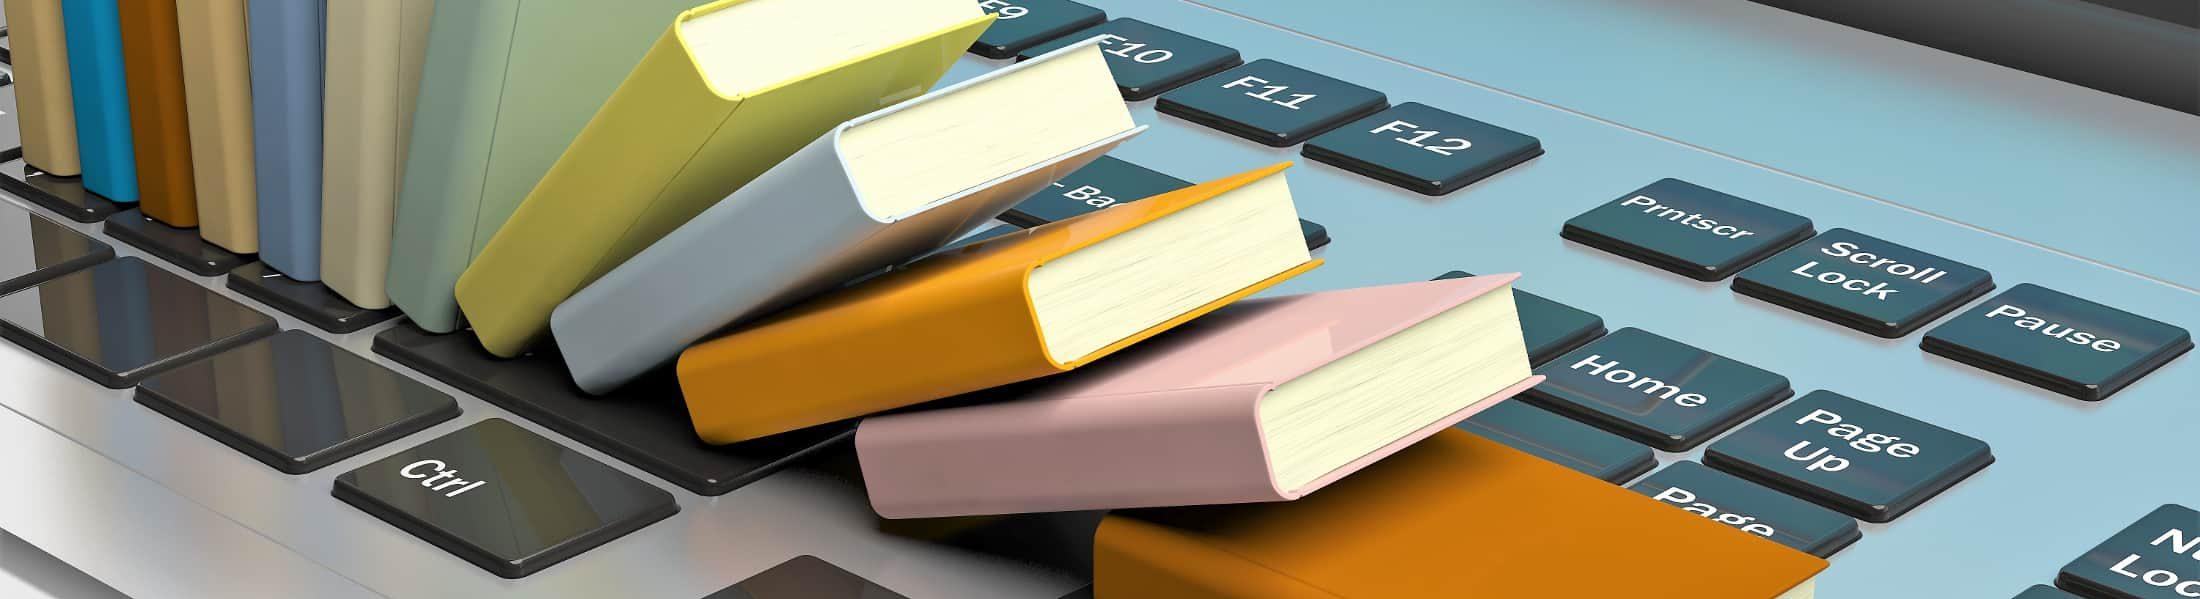 Hochwertiger CONTENT vom Buch bis zum Blog